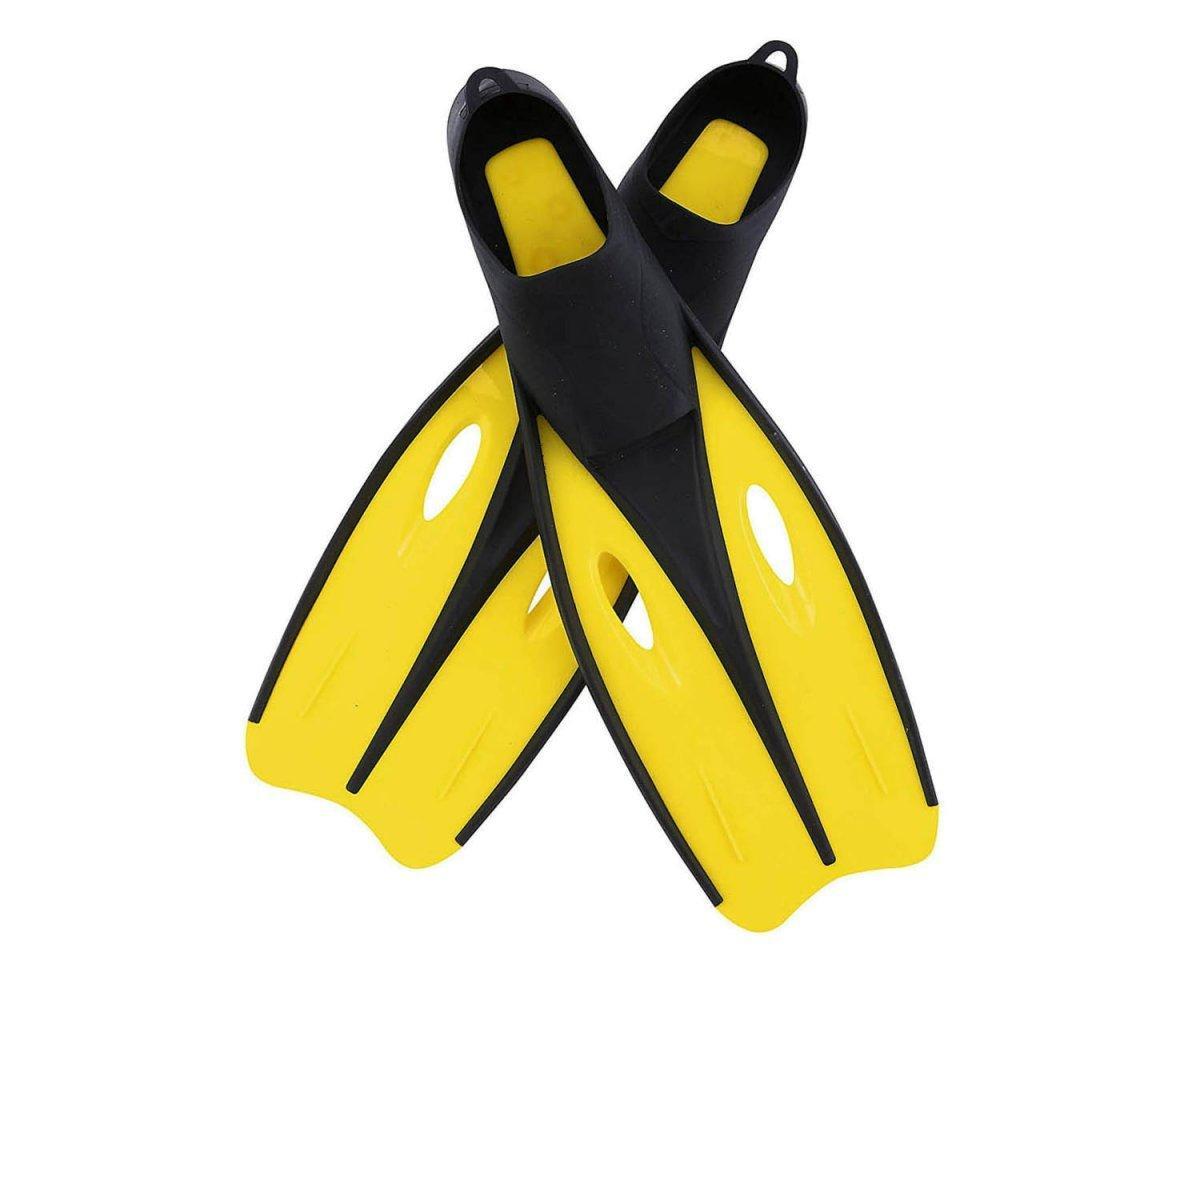 Ласты для плавания Bestway 27025, размер S, 35 (EU), под стопу ≈ 22 см, желтые